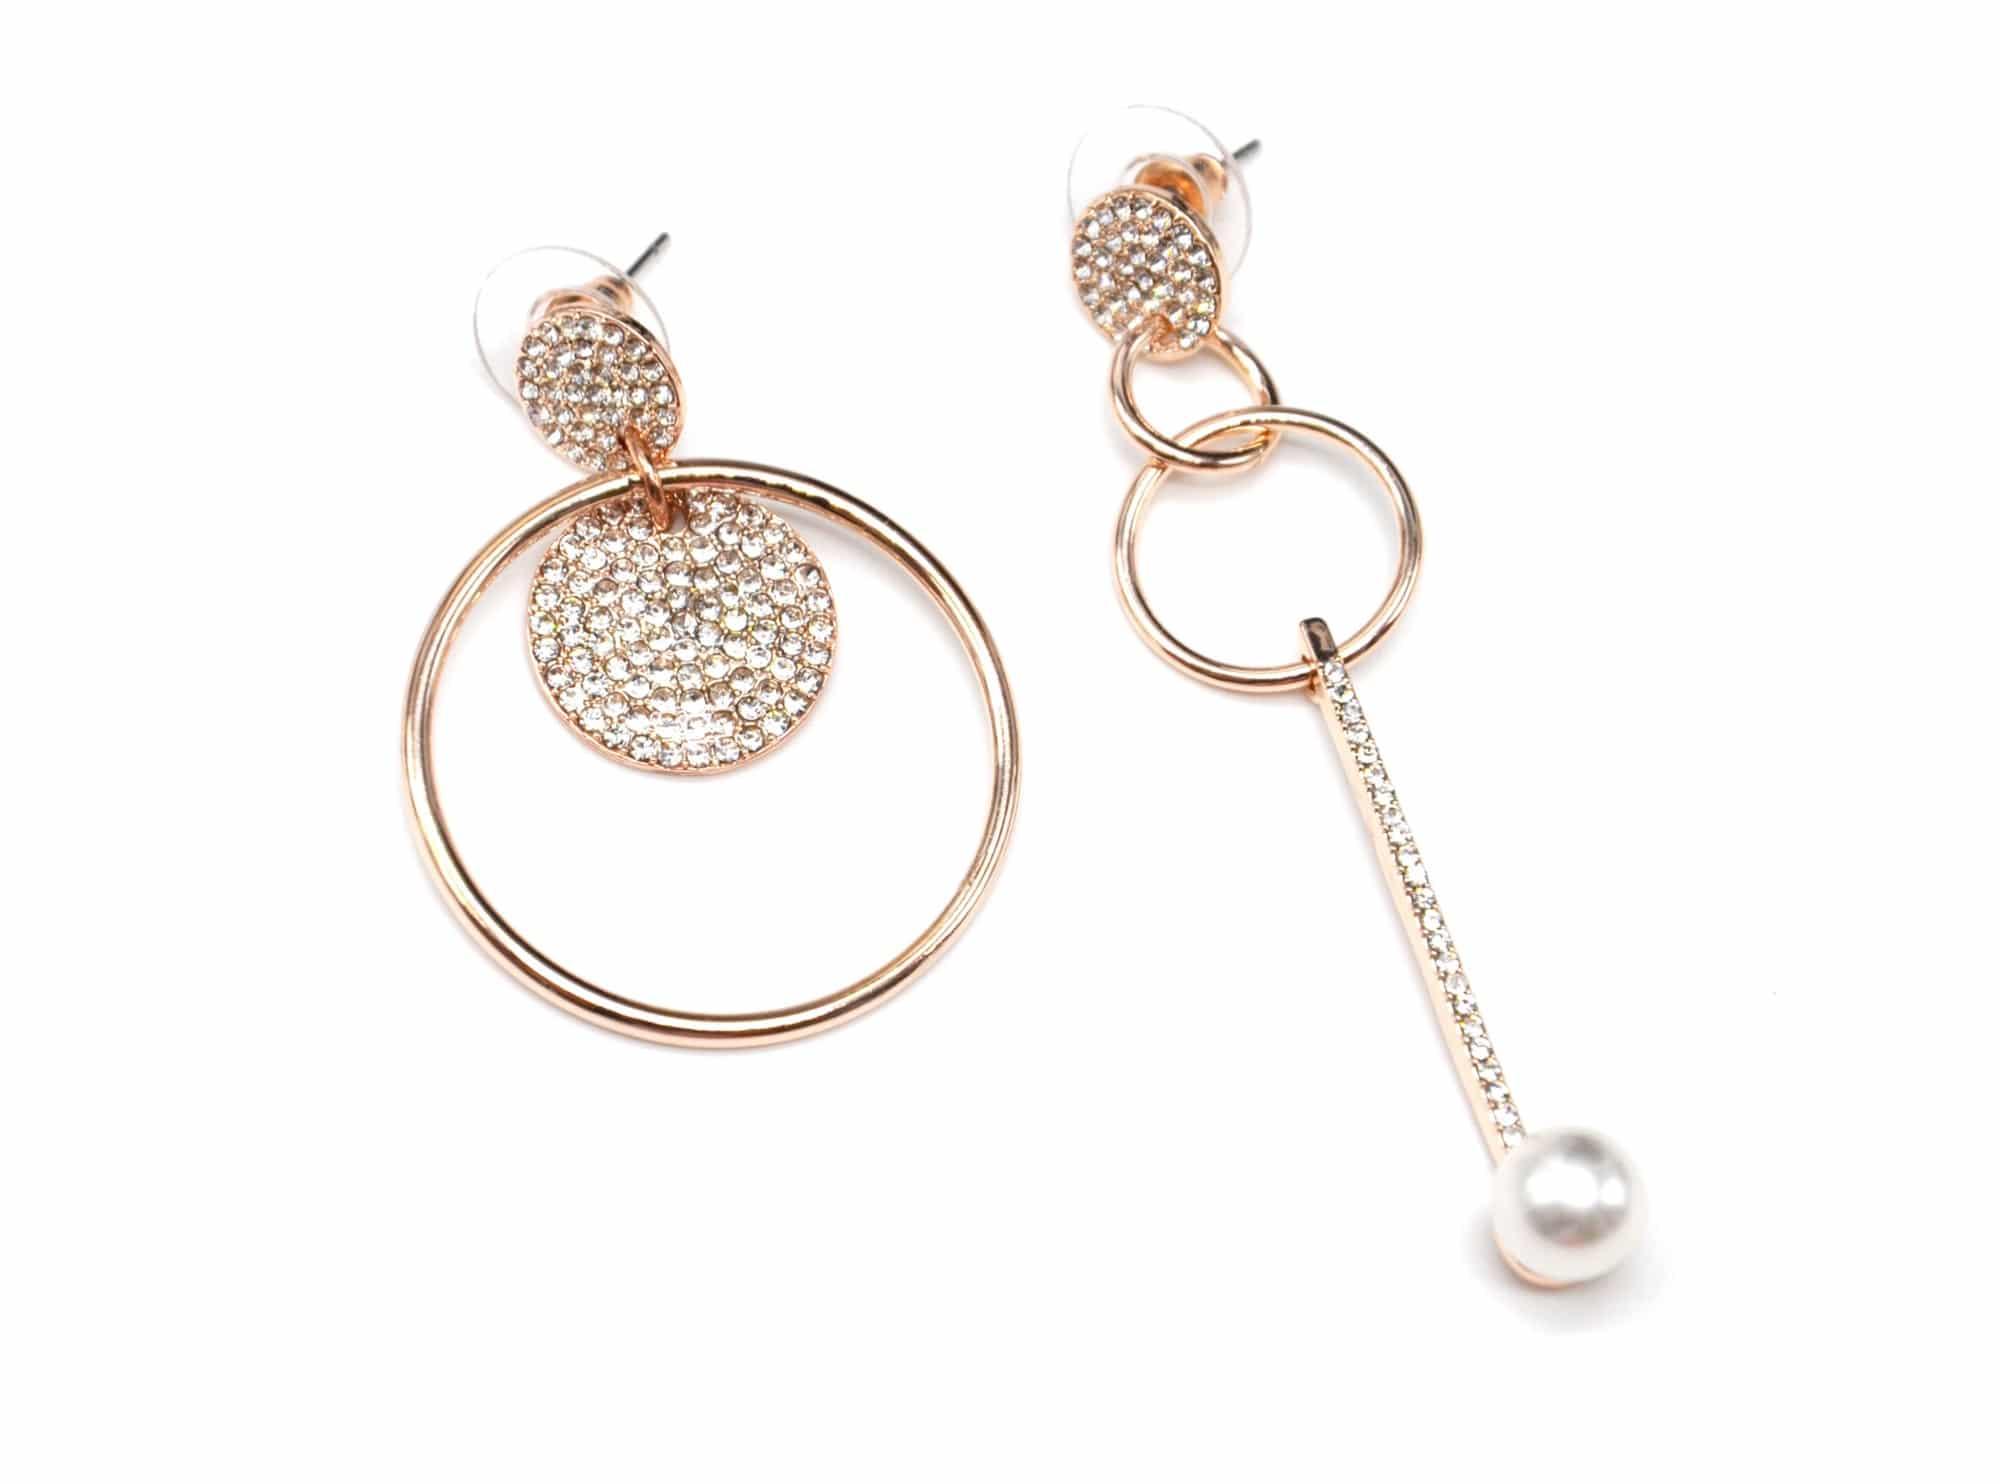 bo1108e boucles d 39 oreilles asym triques multi cercles et barre strass m tal or rose avec perle. Black Bedroom Furniture Sets. Home Design Ideas